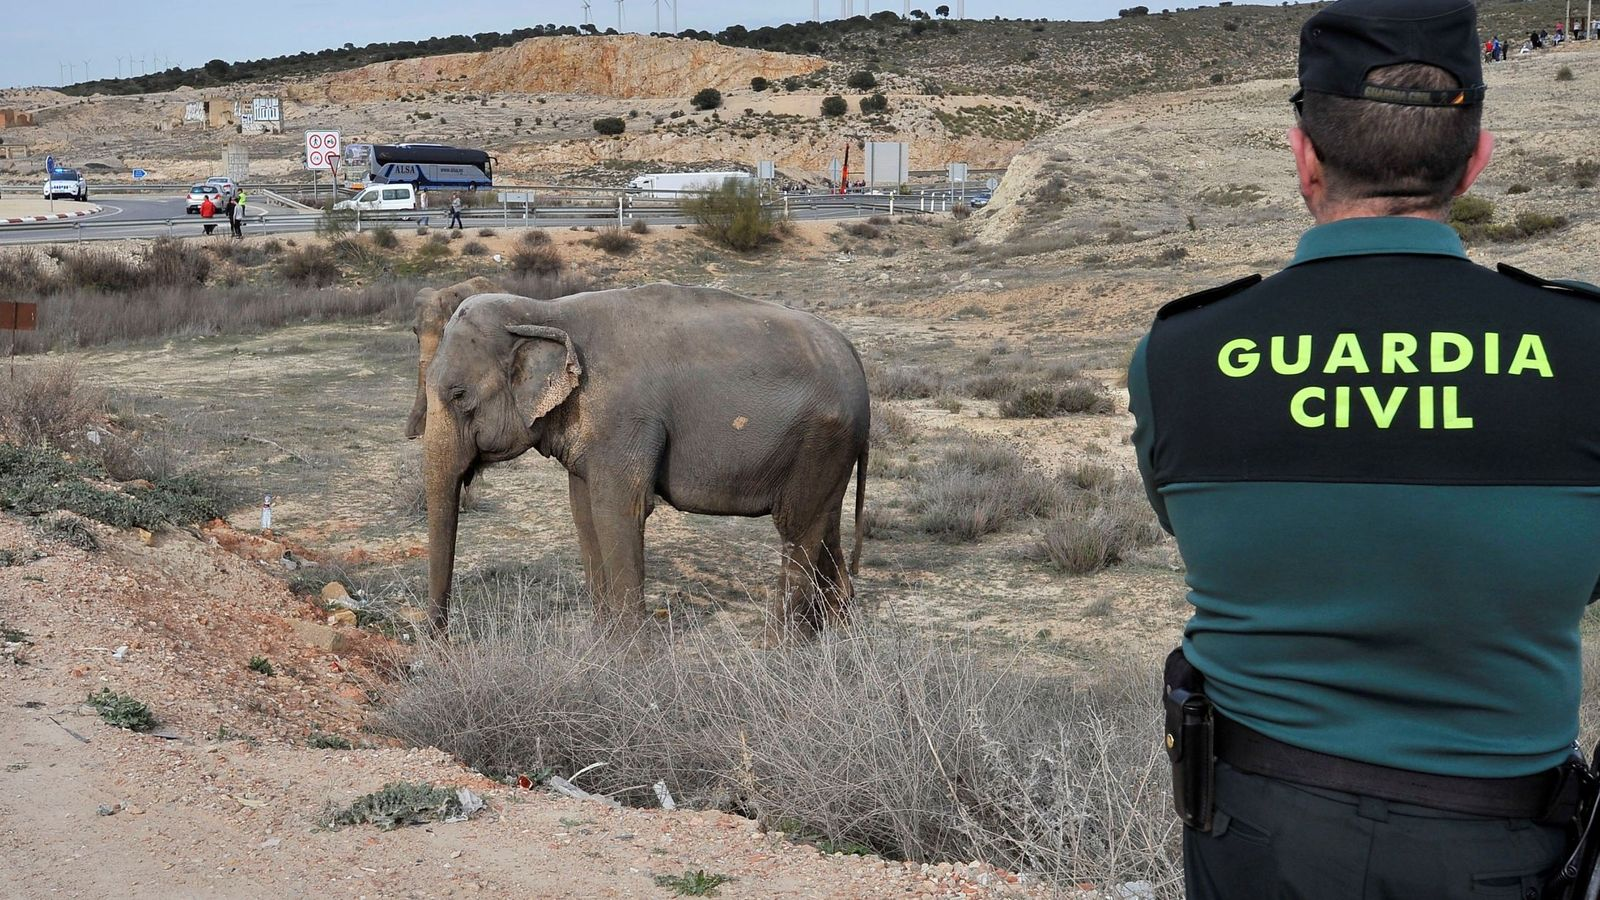 Foto: Un guardia civil vigila a uno de los elefantes que resultó herido tras volcar el camión en Pozo Cañada, en Albacete. (EFE)